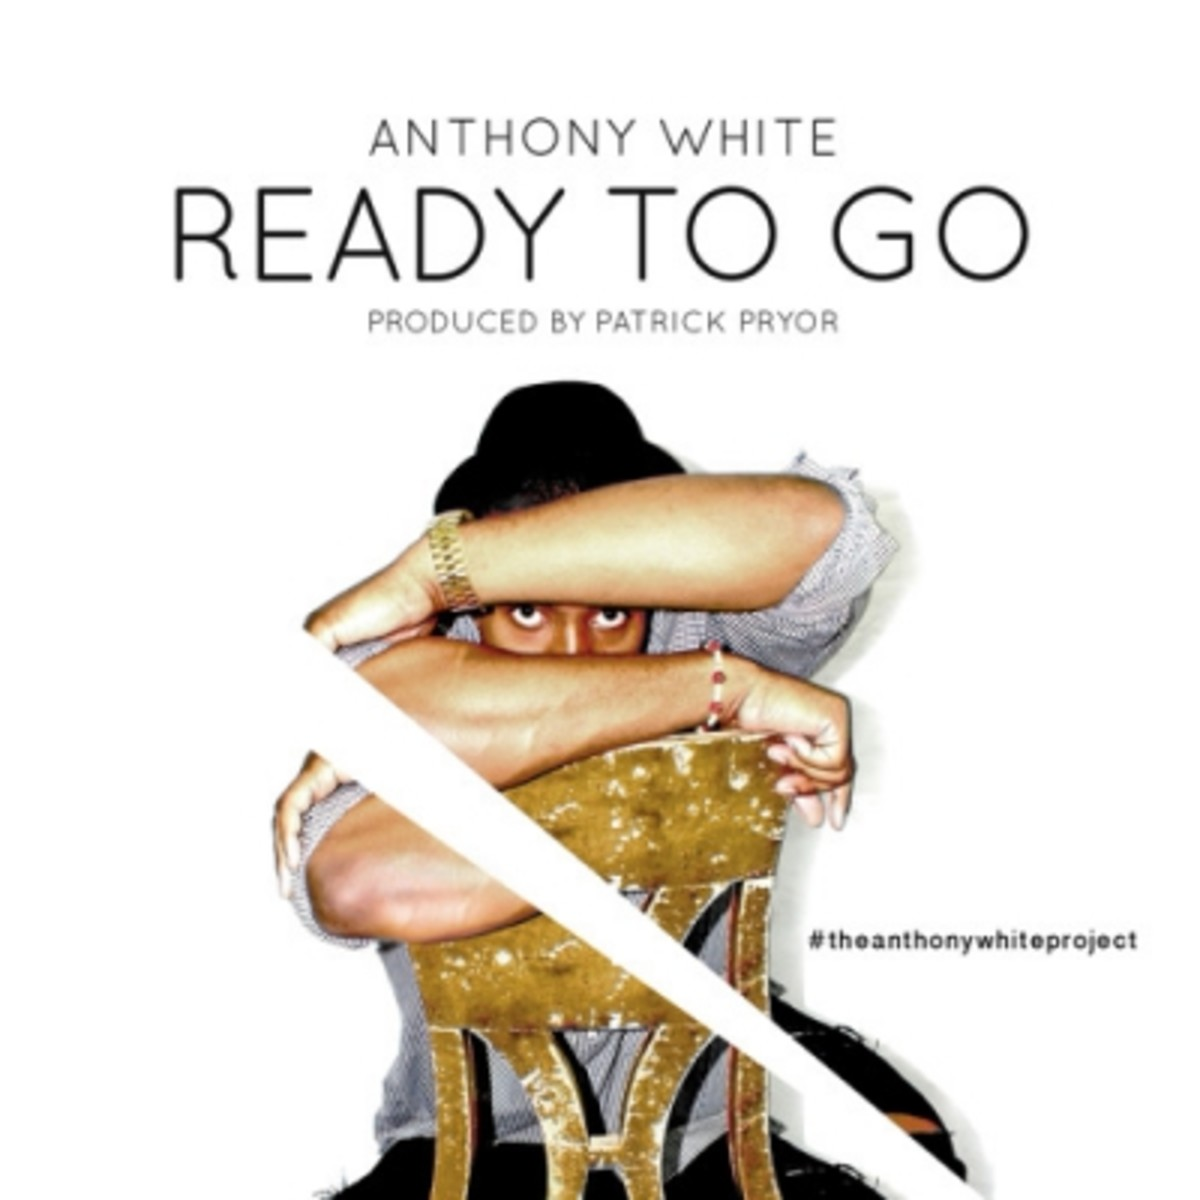 anthony-white-ready-to-go.jpg